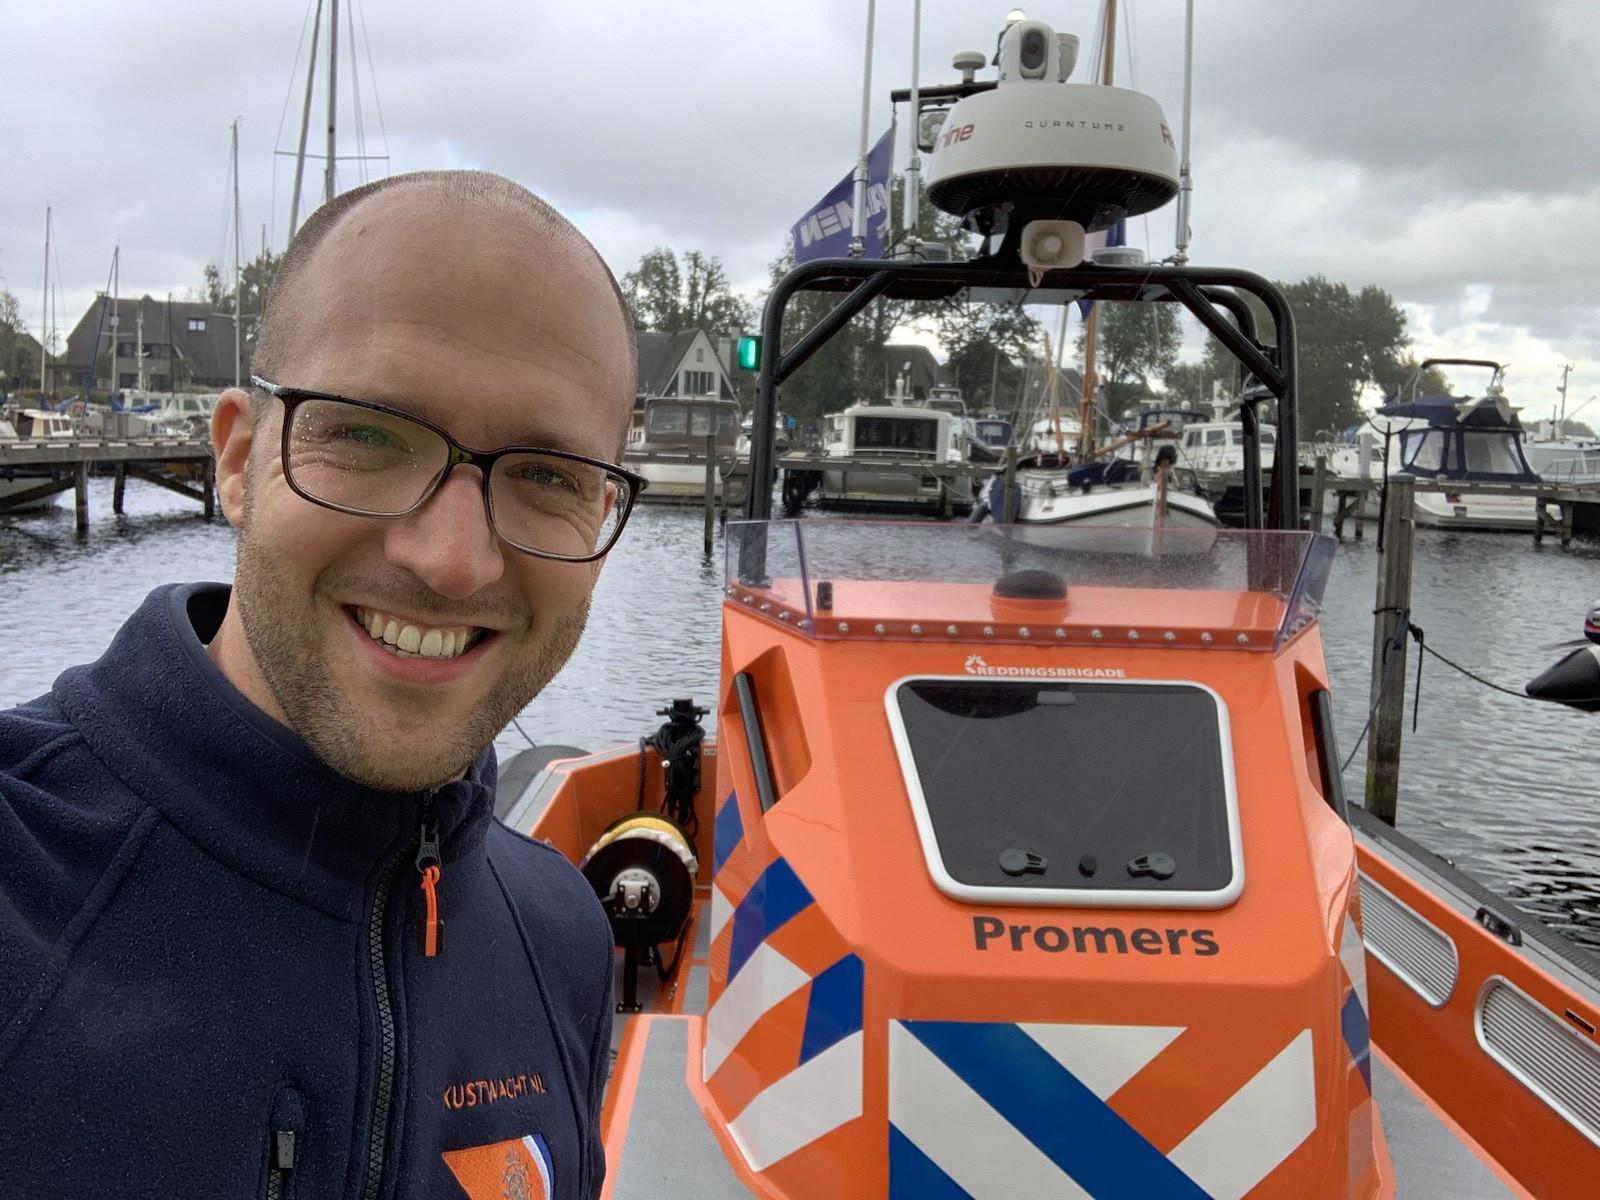 Reddingbootselfie Promers